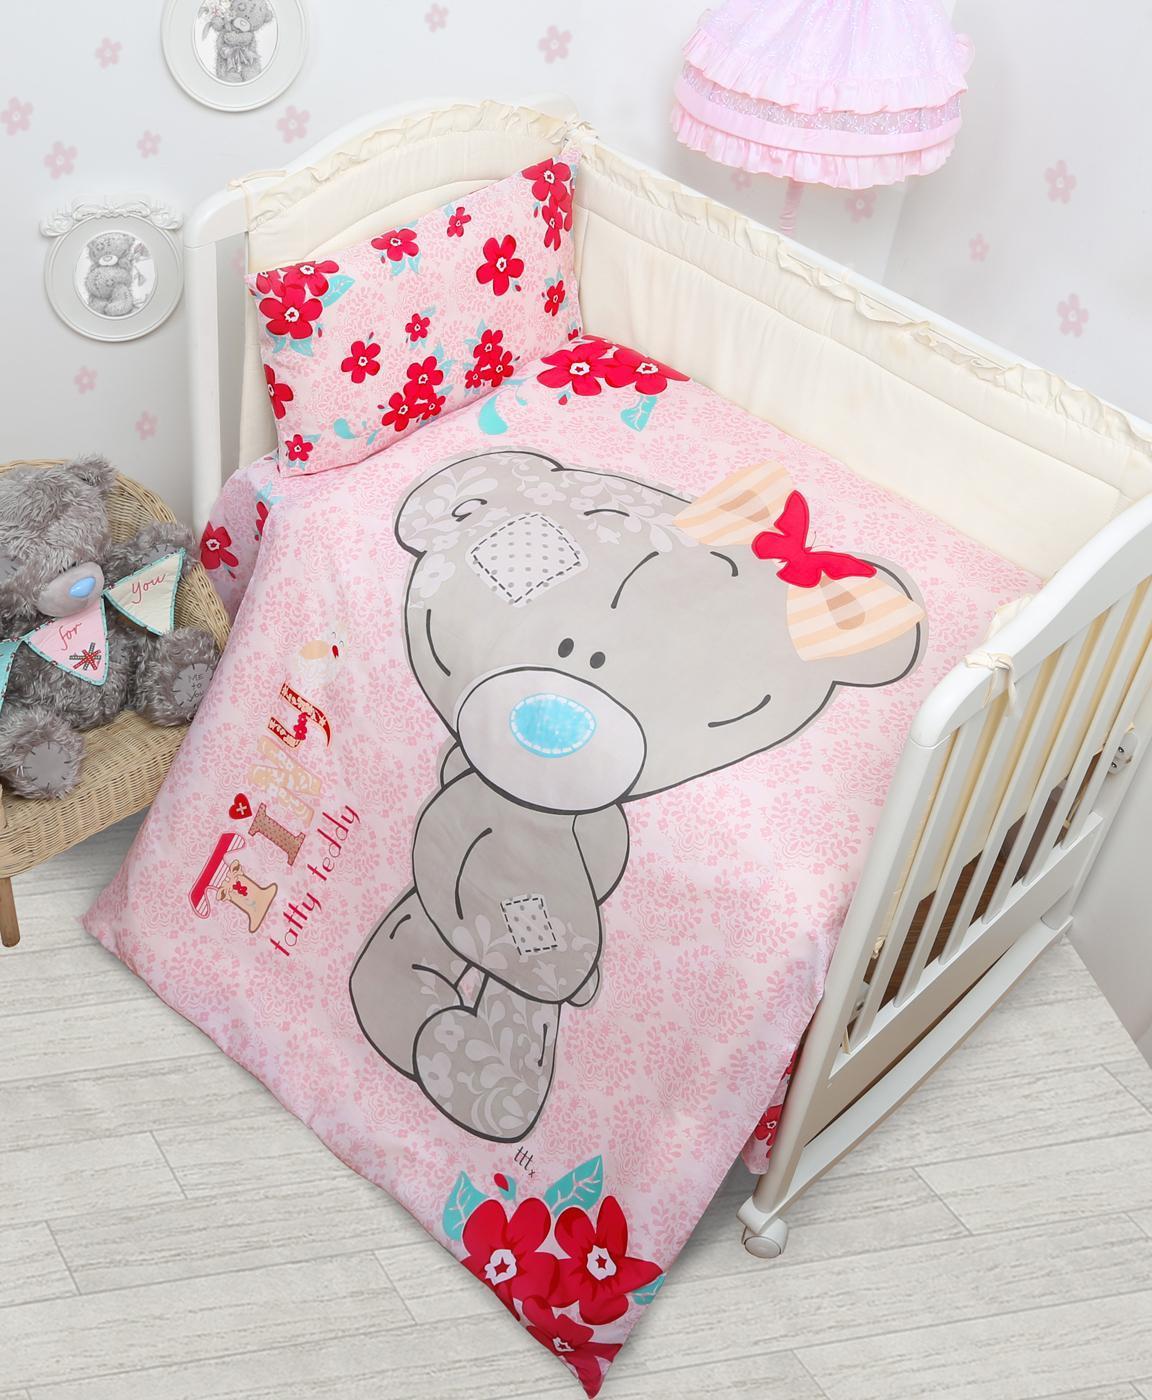 Постельное белье Taddy baby девочка (детский КПБ, бязь, наволочки 40х60)